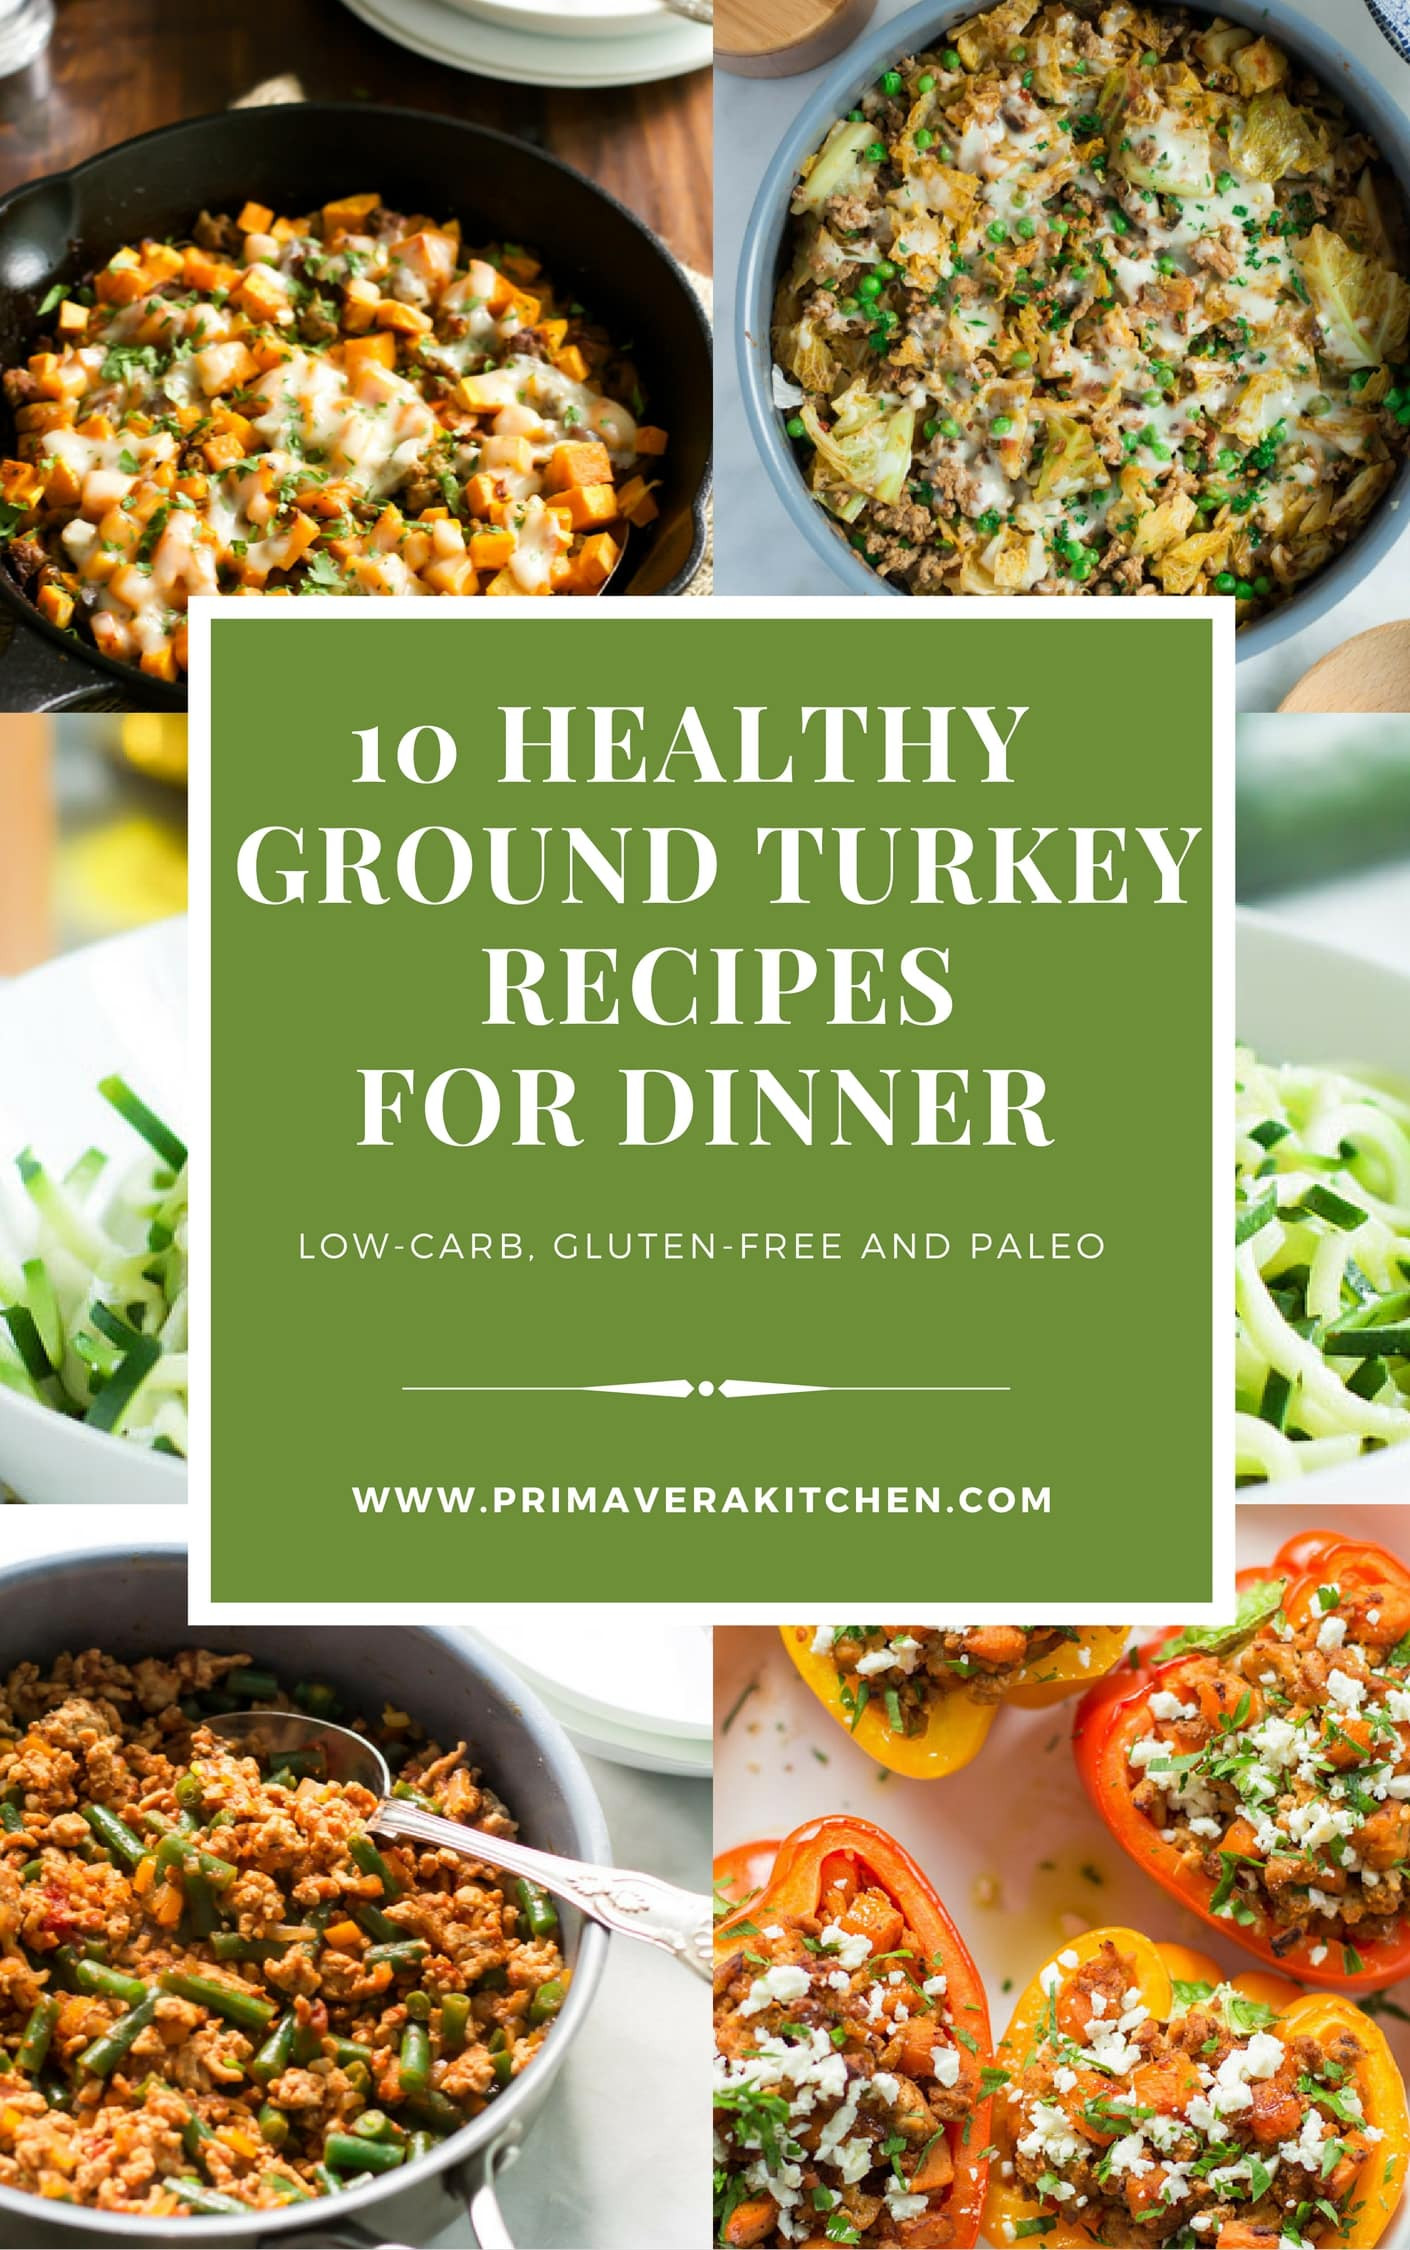 Healthy Ground Turkey Recipe  10 Healthy Ground Turkey Recipes for Dinner Primavera